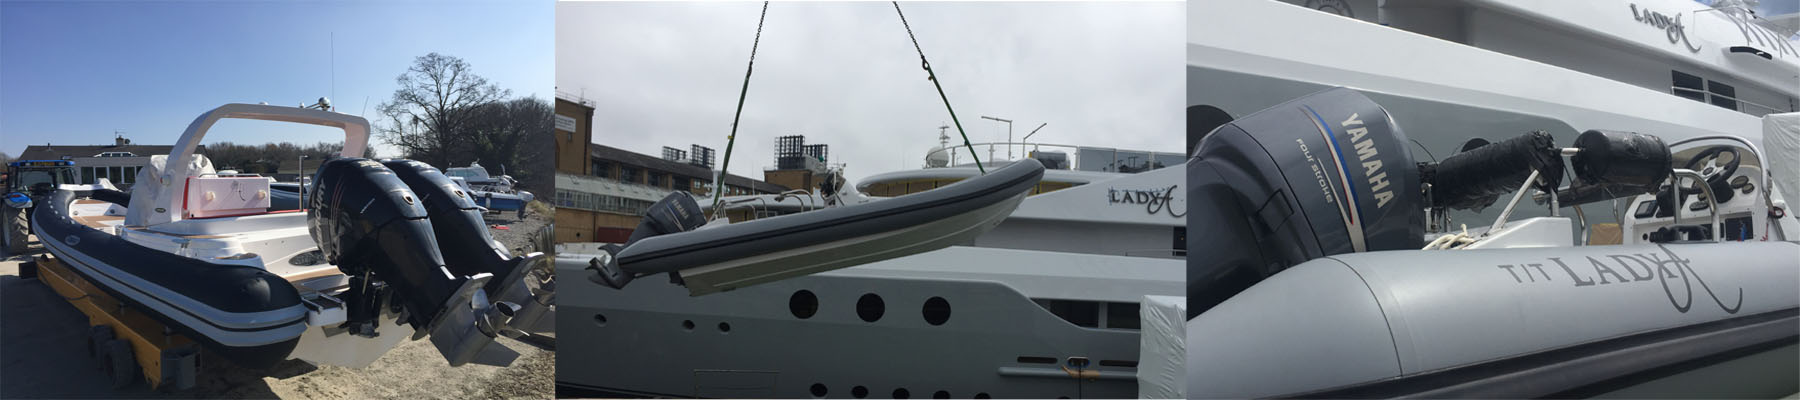 yacht-tender-refit.jpg